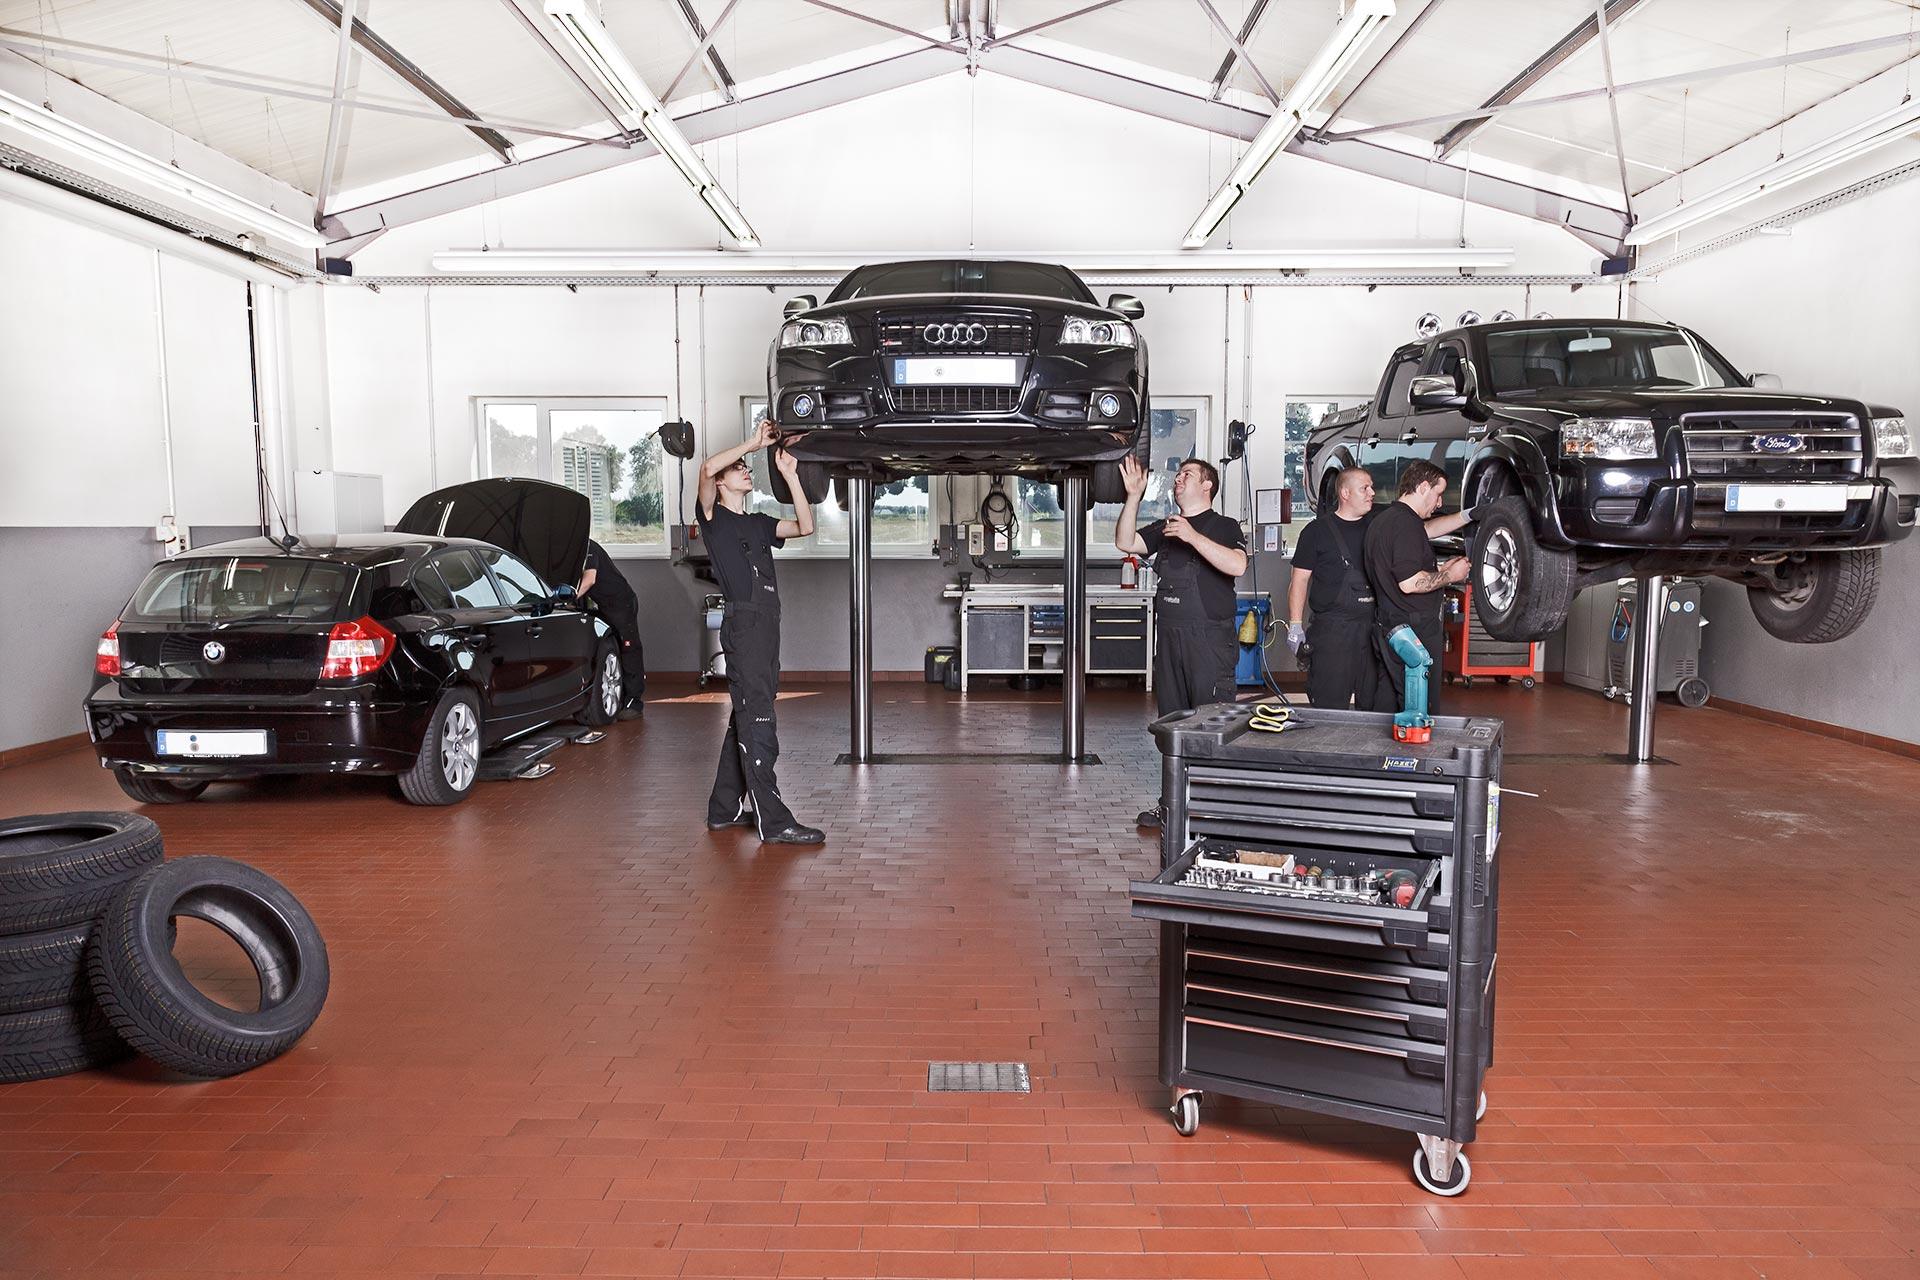 Großartig Auto Rahmen Werkstätten Ideen - Benutzerdefinierte ...